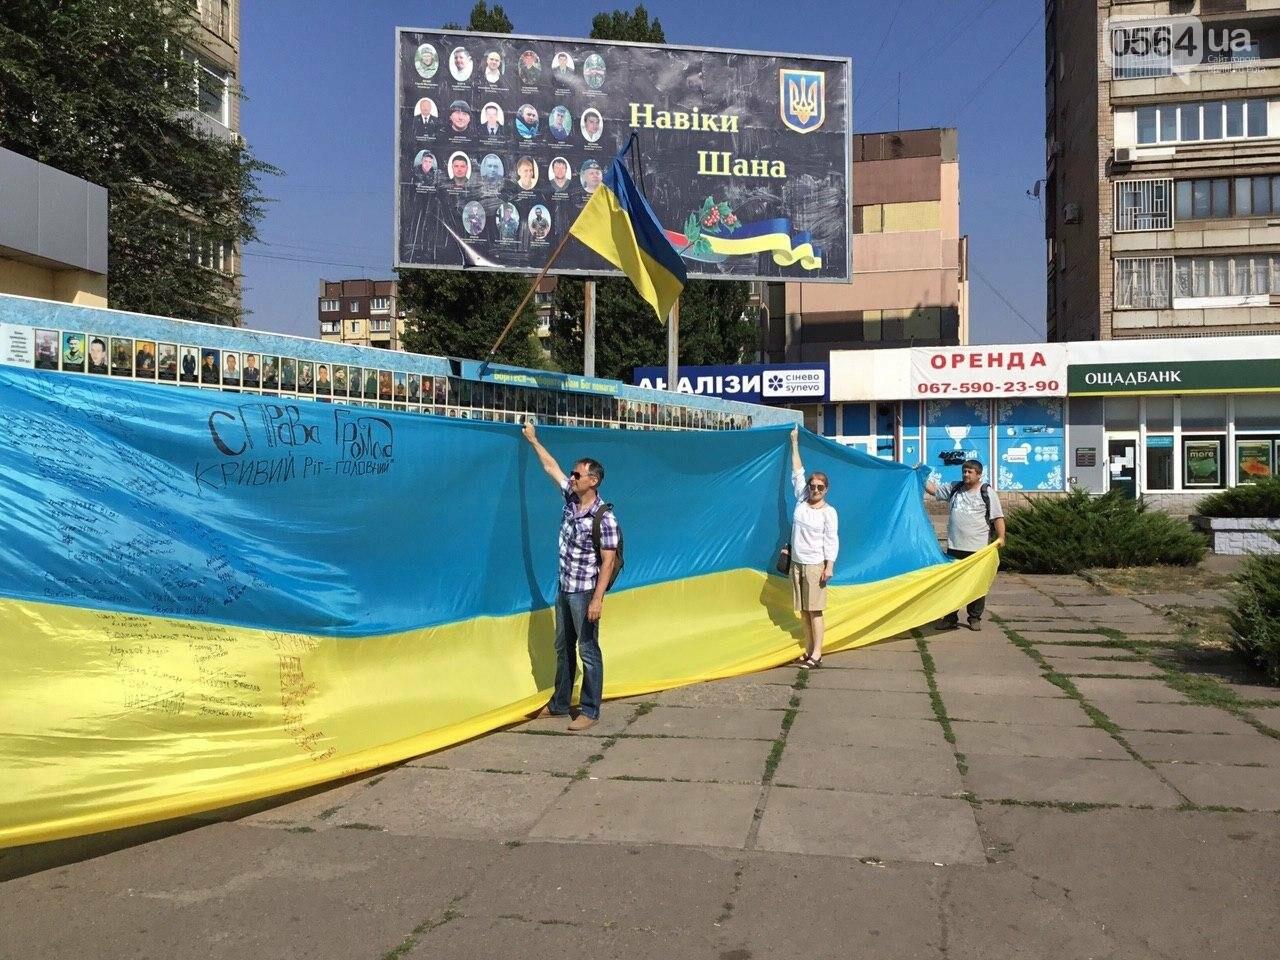 """В Кривой Рог прибыл """"Прапор Єдності"""", - ФОТО, ВИДЕО, фото-2"""